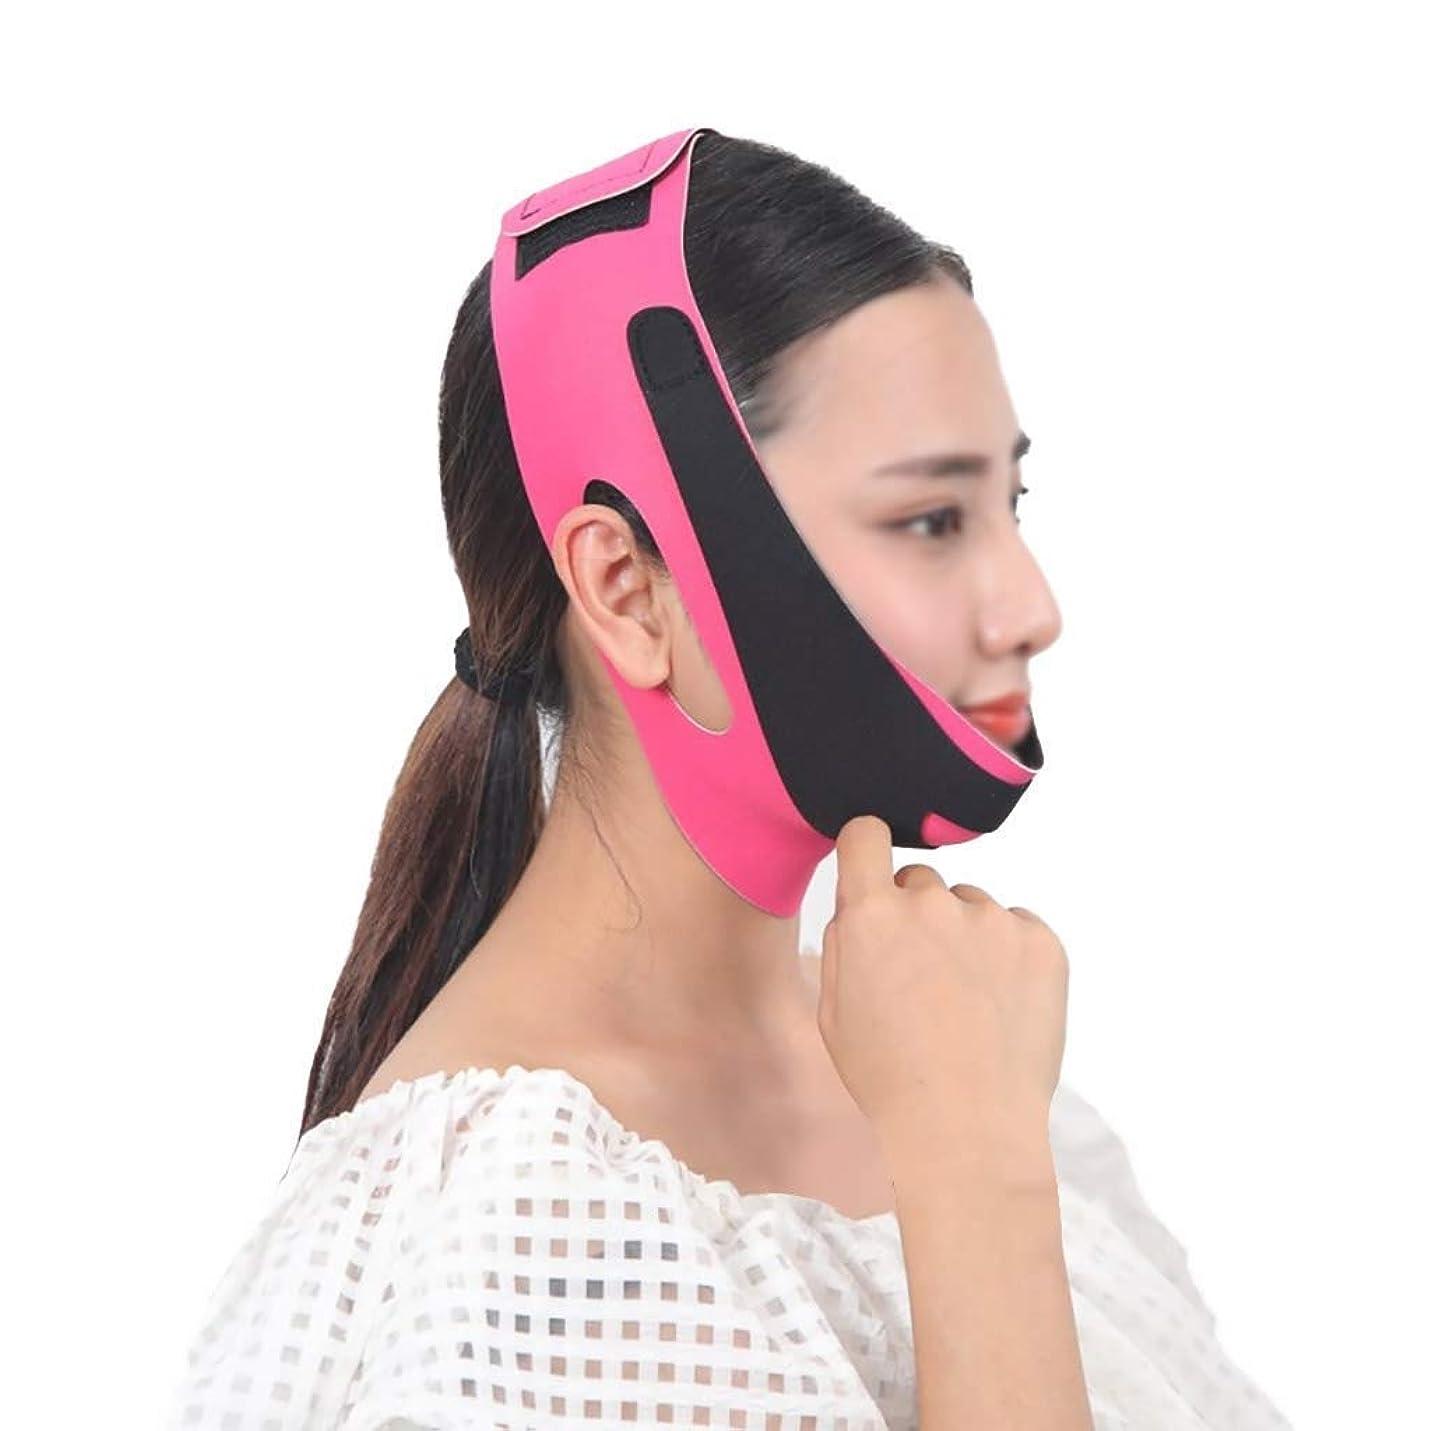 ブロック仮定意図的フェイスアンドネックリフト術後弾性フェイスマスク小さなV顔アーティファクト薄い顔包帯アーティファクトV顔ぶら下げ耳リフティング引き締め薄い顔アーティファクト